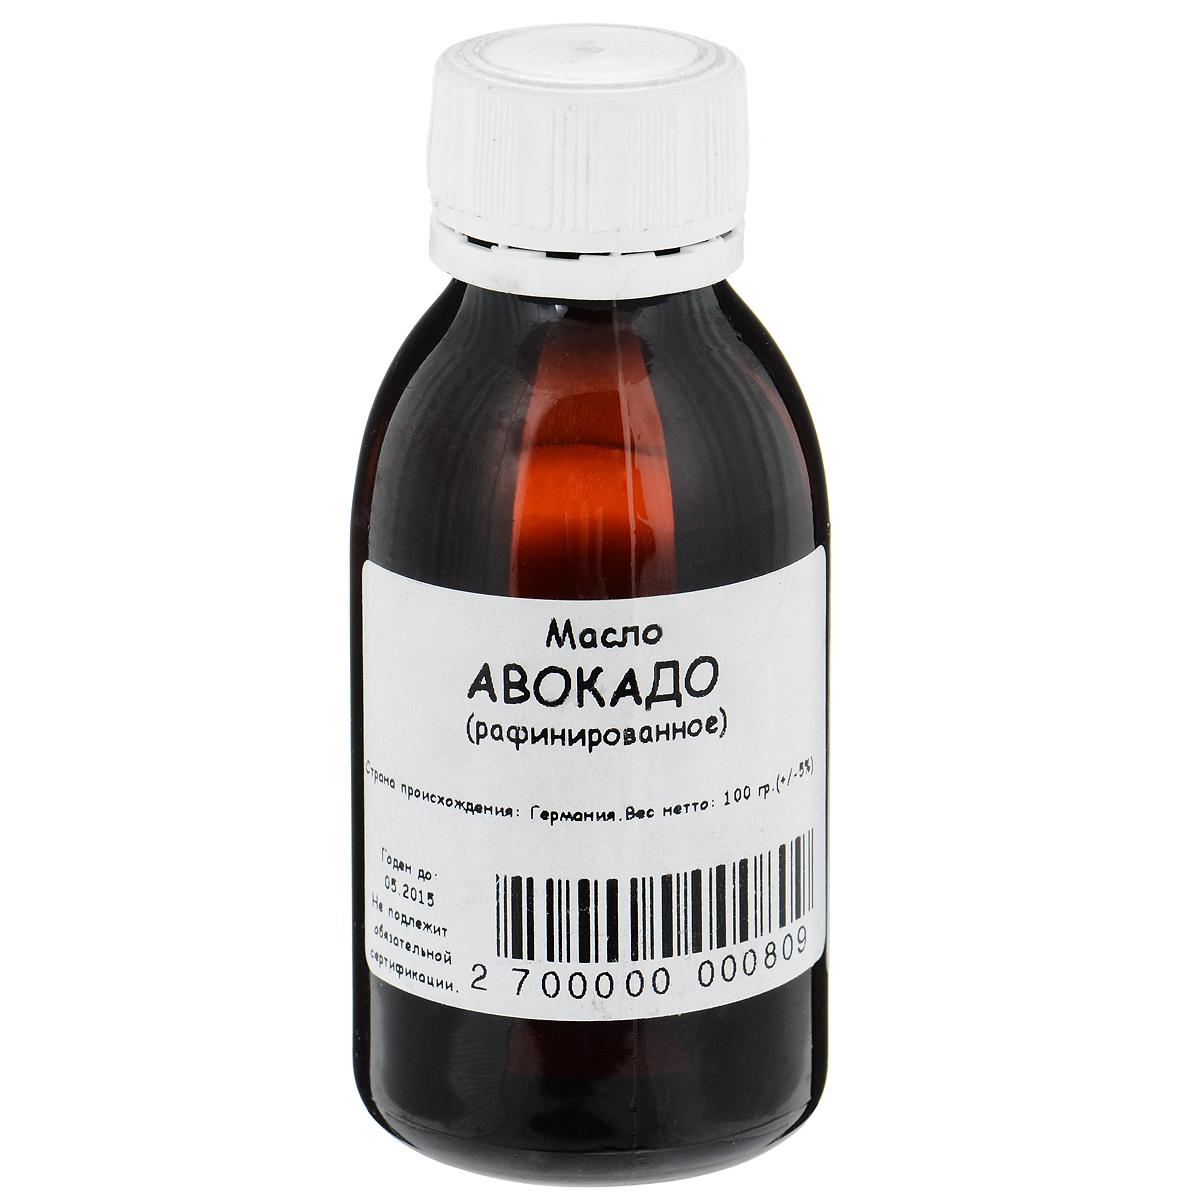 Масло Авокадо, рафинированное, 100 гр2700000000809Масло авокадо восстанавливает защитные функции эпидермиса благодаря высокой концентрации полиненасыщенных жирных кислот. Витамины А и Е придадут мылу антиоксидантные свойства. Оказывает увлажняющее, регенерирующее, защитное действие для кожи и волос, плюс противовоспалительное и омолаживающее действие. Рекомендуется использовать для ухода за сухой кожей. Для быстрого восстановления целостности и однородности кожи при небольших воспалениях; для ухода за волосами, особенно окрашенными; для укрепления и роста ногтей и устранения воспаления ногтевого валика. Для питания и массажа втирать в кожу легкими движениями. Для очищения кожи лица нанести на смоченный водой тампон насколько капель масла и протереть кожу. Для ухода за волосами с целью устранения ломкости и придания им естественного блеска втирать в кожу головы за 2 часа до мытья волос. Для снятия воспаления и раздражения кожи смешать 5 мл масла с 1-2 каплями эфирного масла апельсина, жасмина, иланг-иланга или...